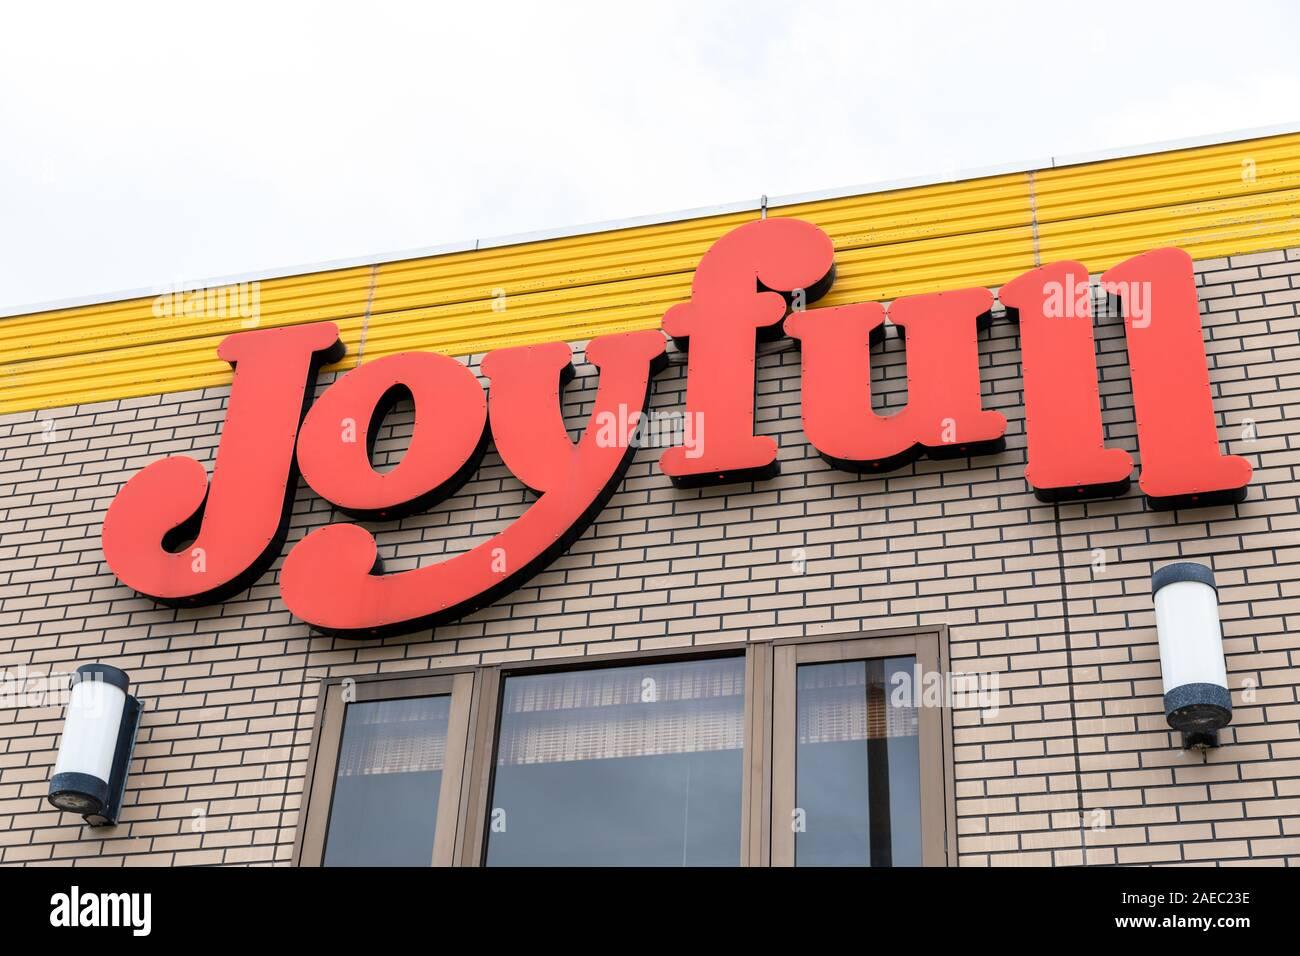 Joyfull (chaîne de restaurants japonais), connectez-vous sur la construction Banque D'Images